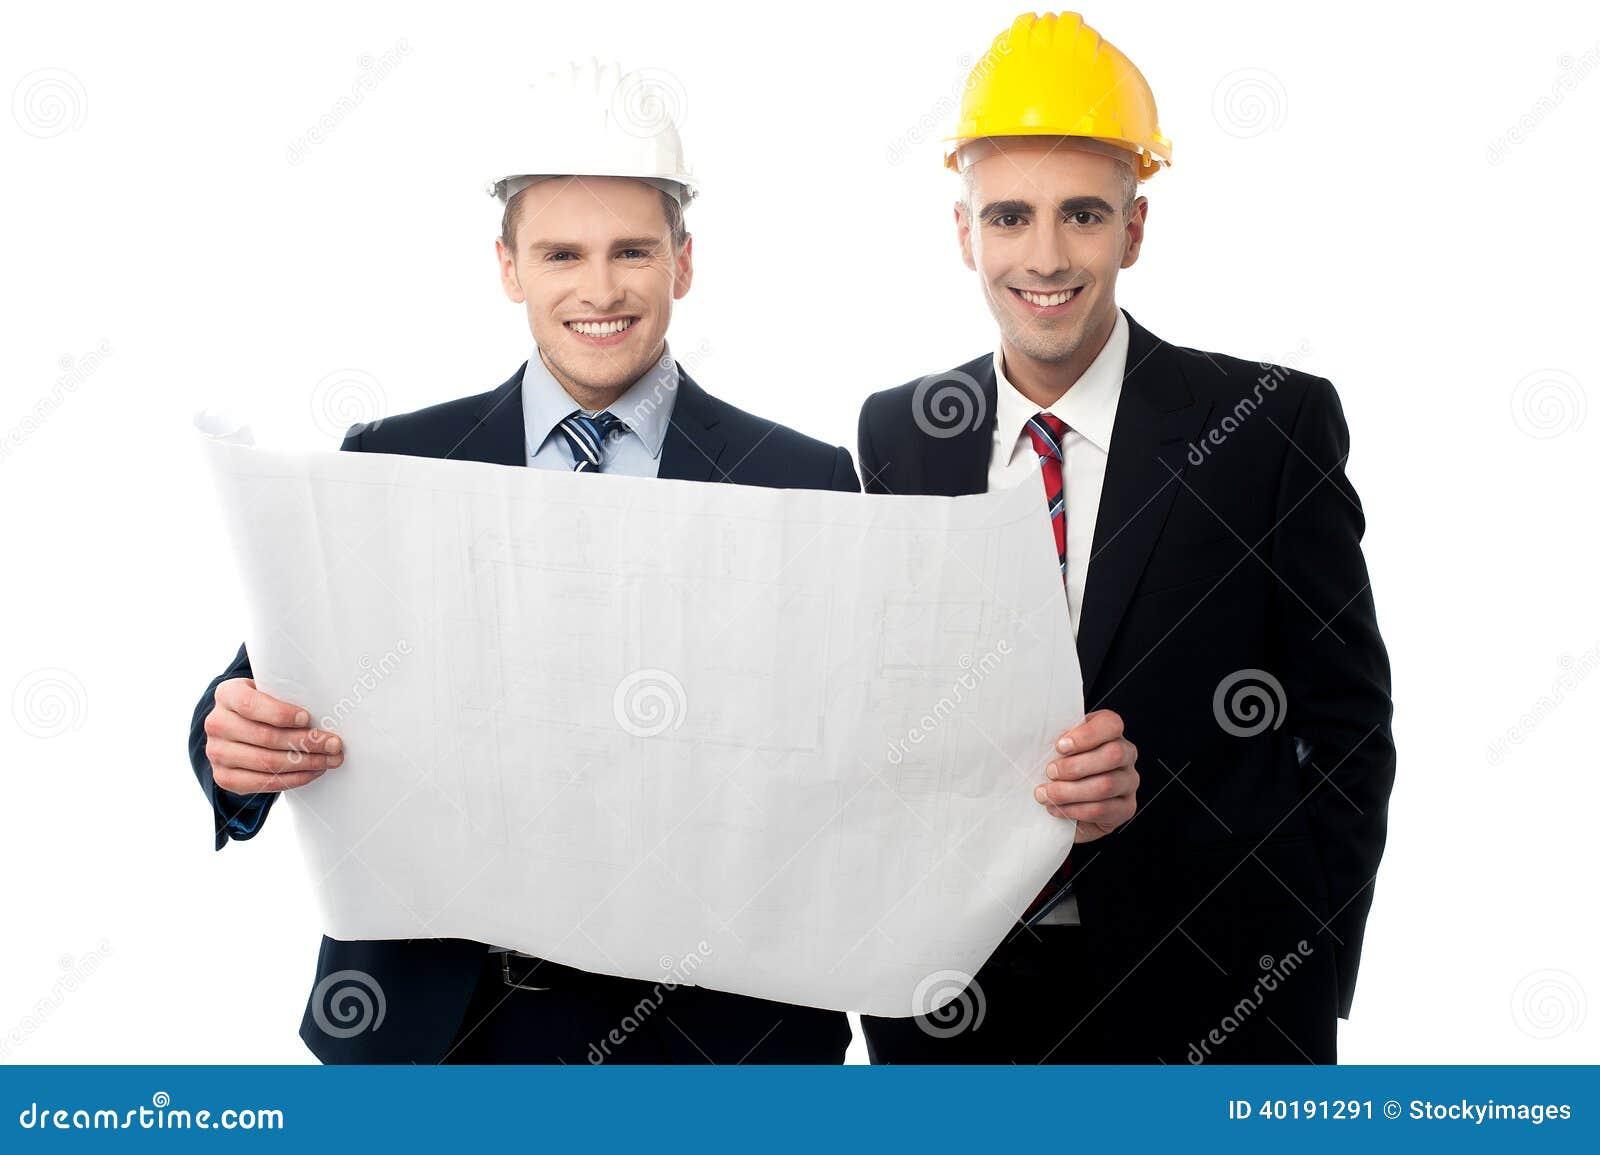 土木建筑工程师考�_回顾建筑计划的土木工程师